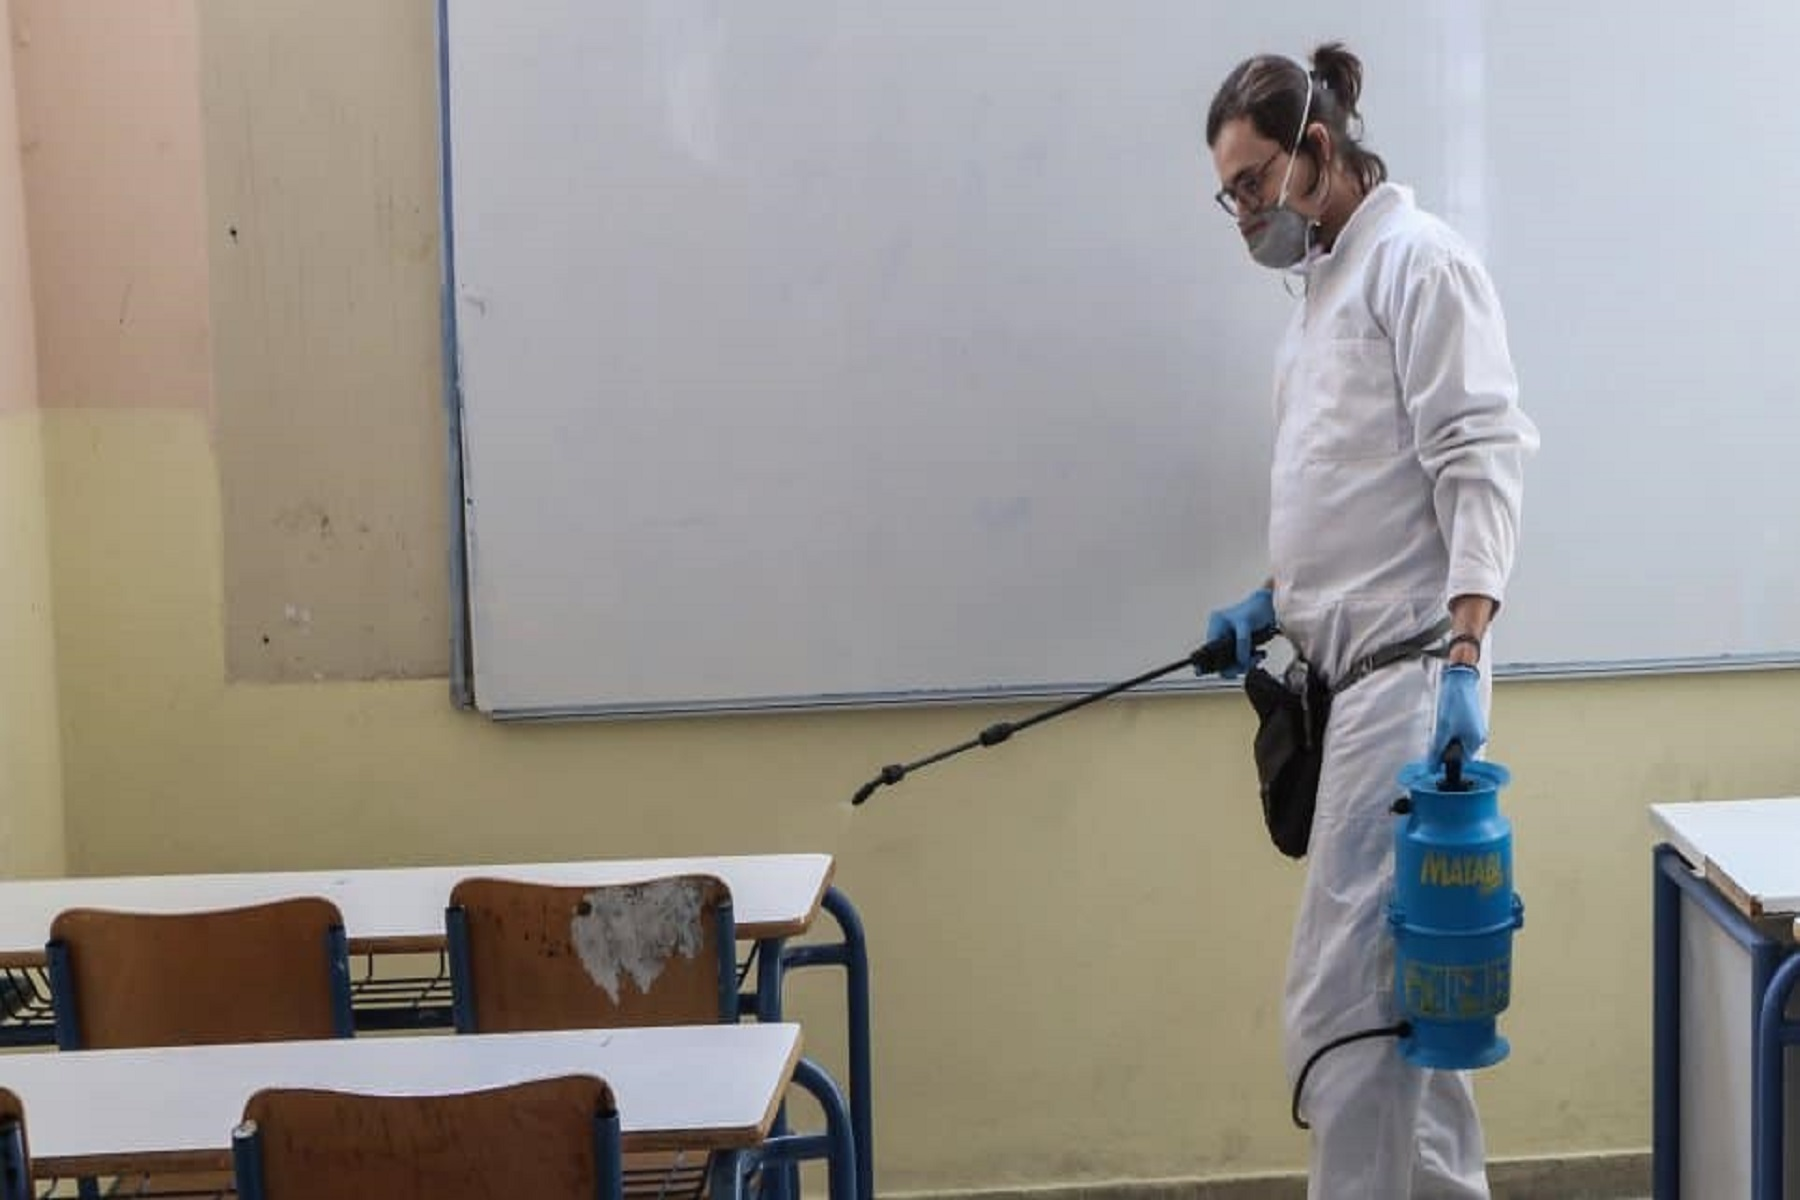 """Σαρηγιάννης Σχολεία: Αρνητικός ο καθηγητής για το """"άνοιγμα"""" της δευτεροβάθμιας εκπαίδευσης"""